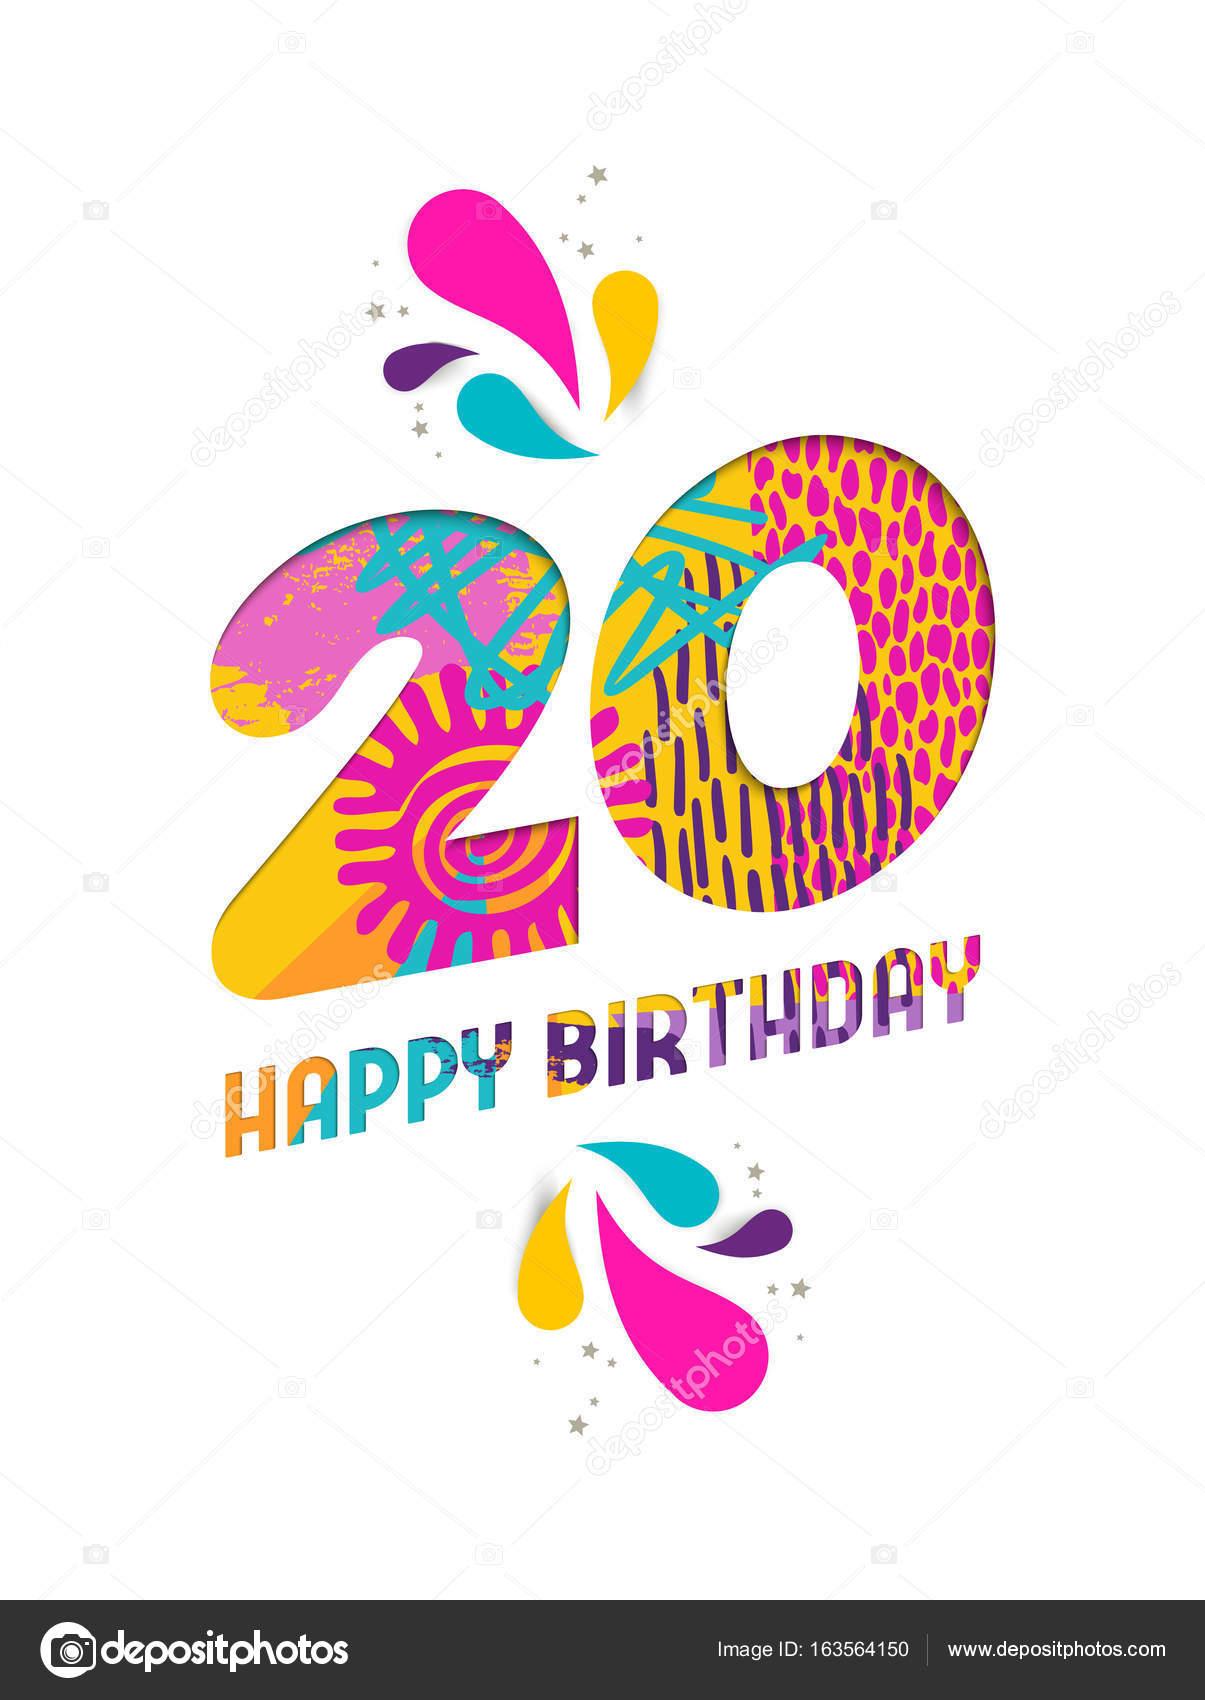 grattis på födelsedagen text 20 år Grattis på födelsedagen 20 år papper skära gratulationskort  grattis på födelsedagen text 20 år